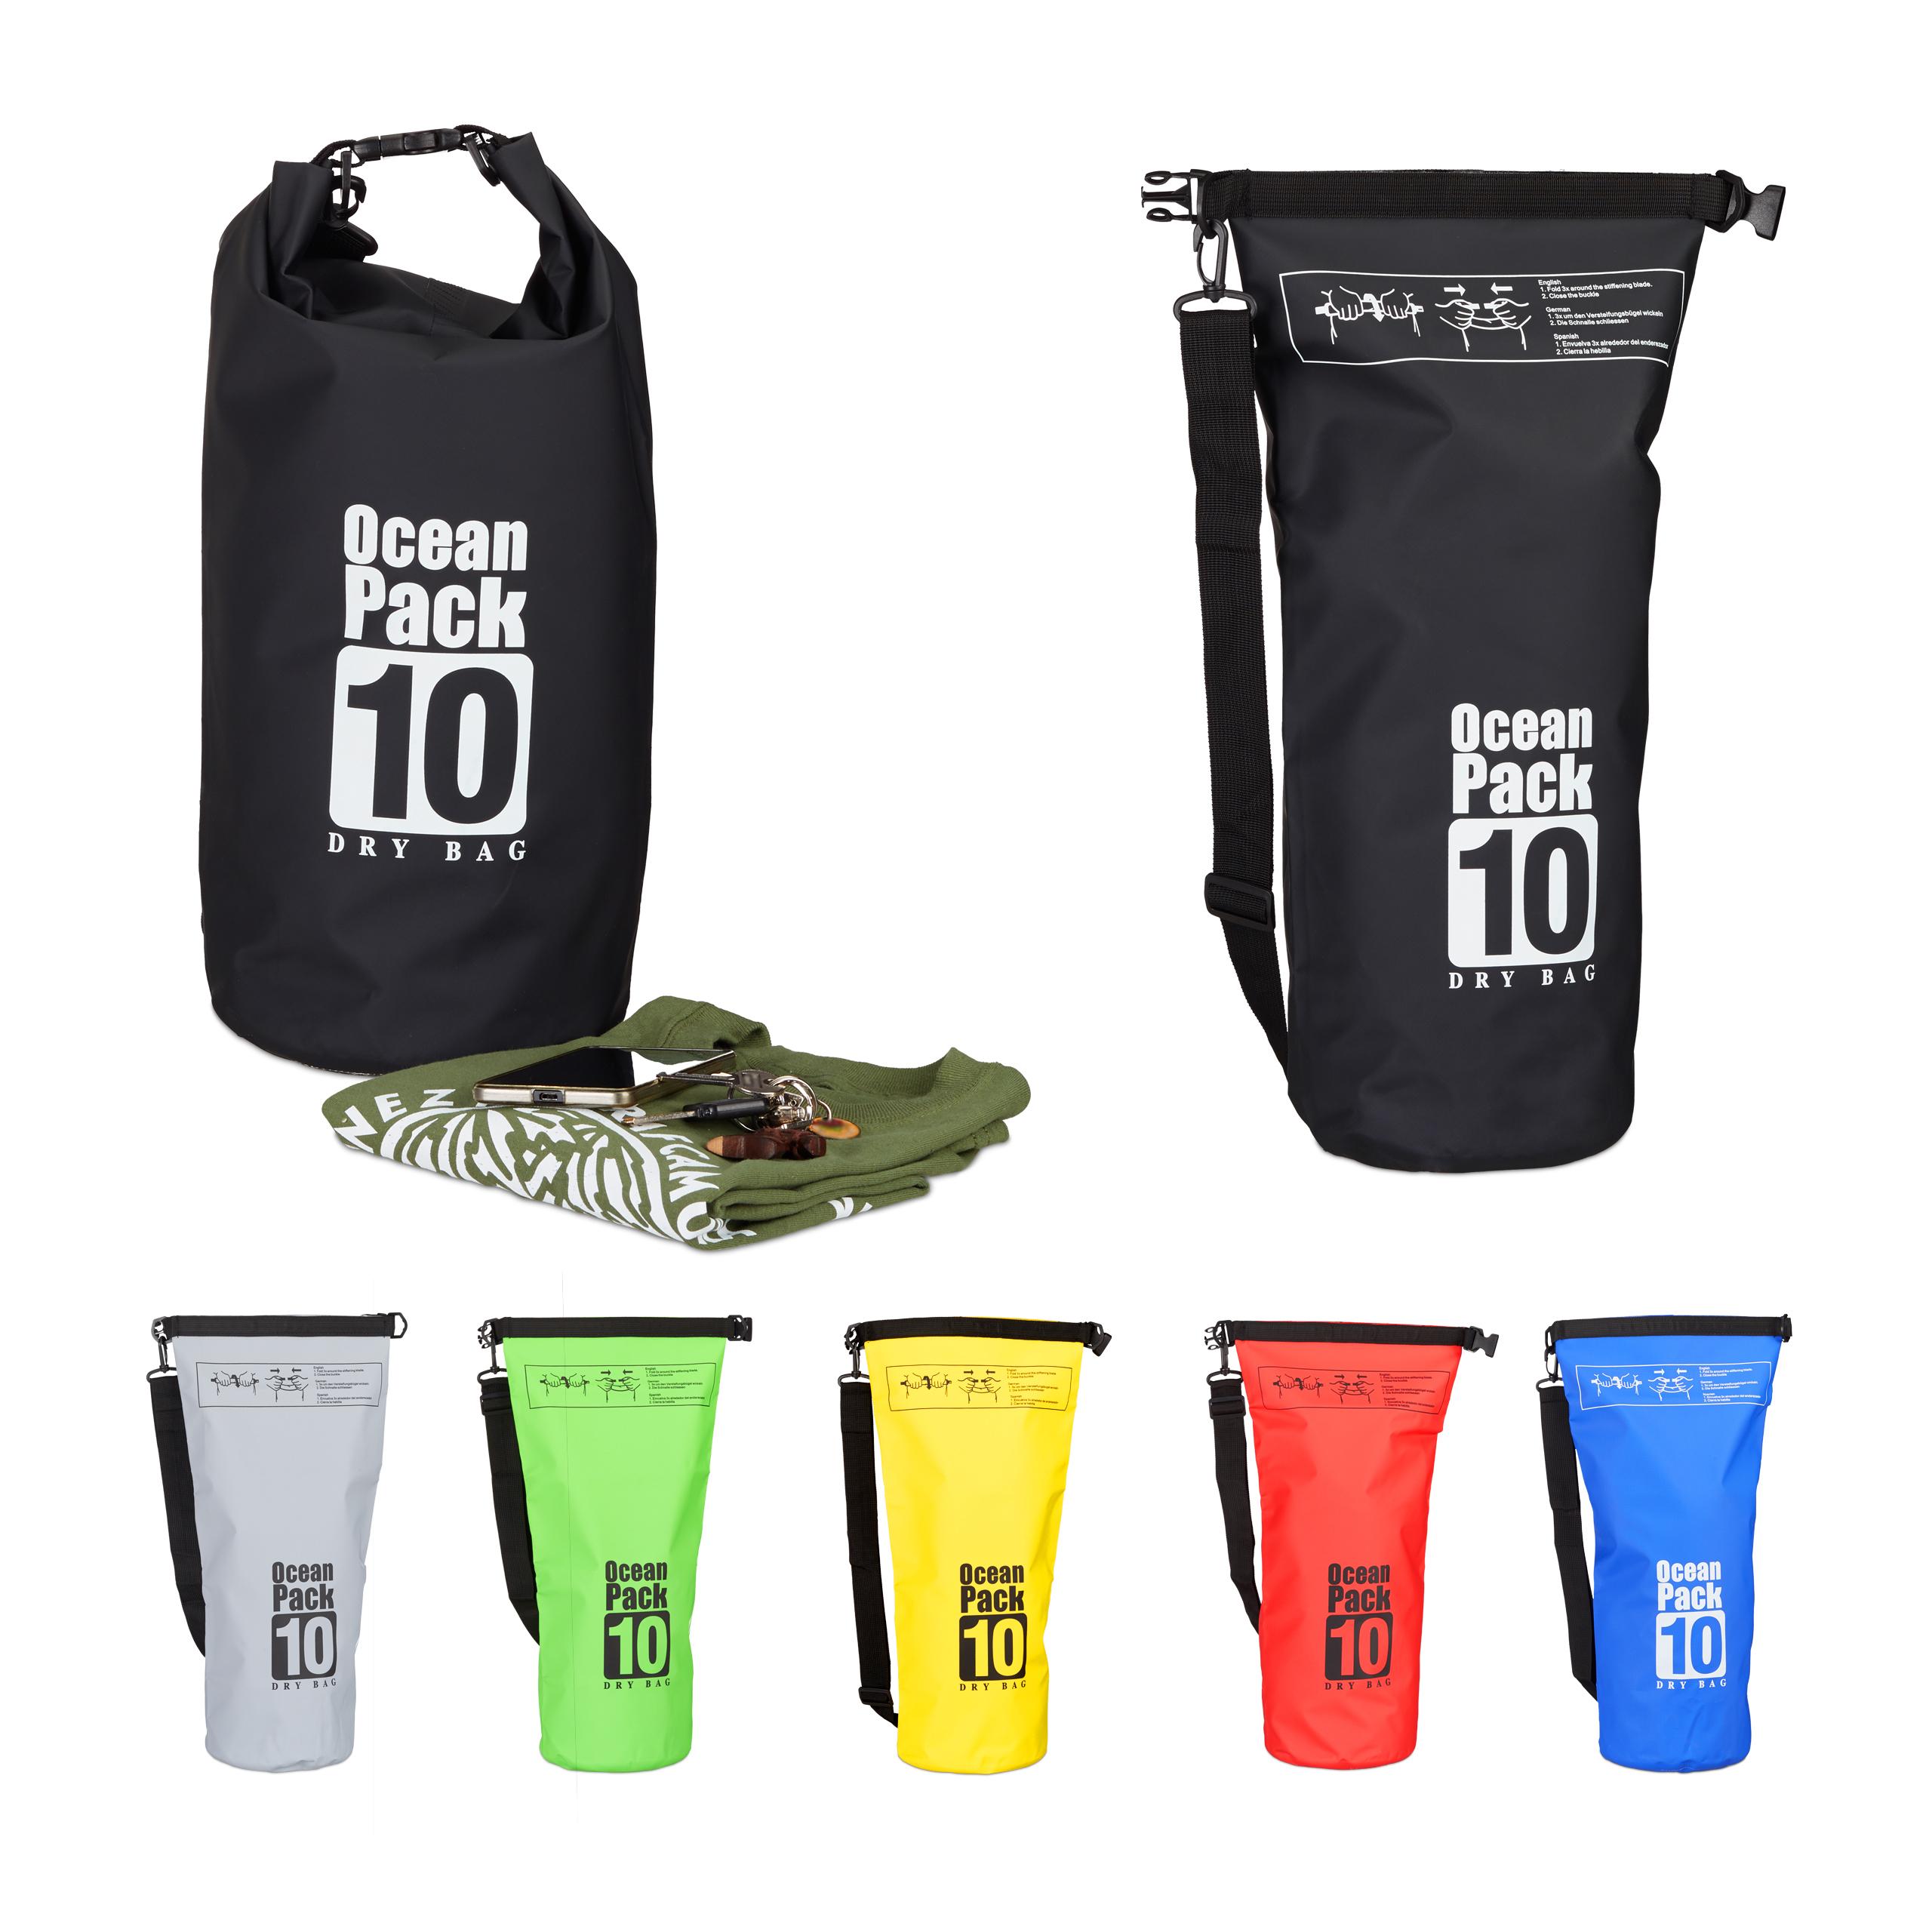 Ocean-Pack-10-Liter-Dry-Bag-wasserdicht-Outdoor-Bag-Trockentasche-gegen-Nasse